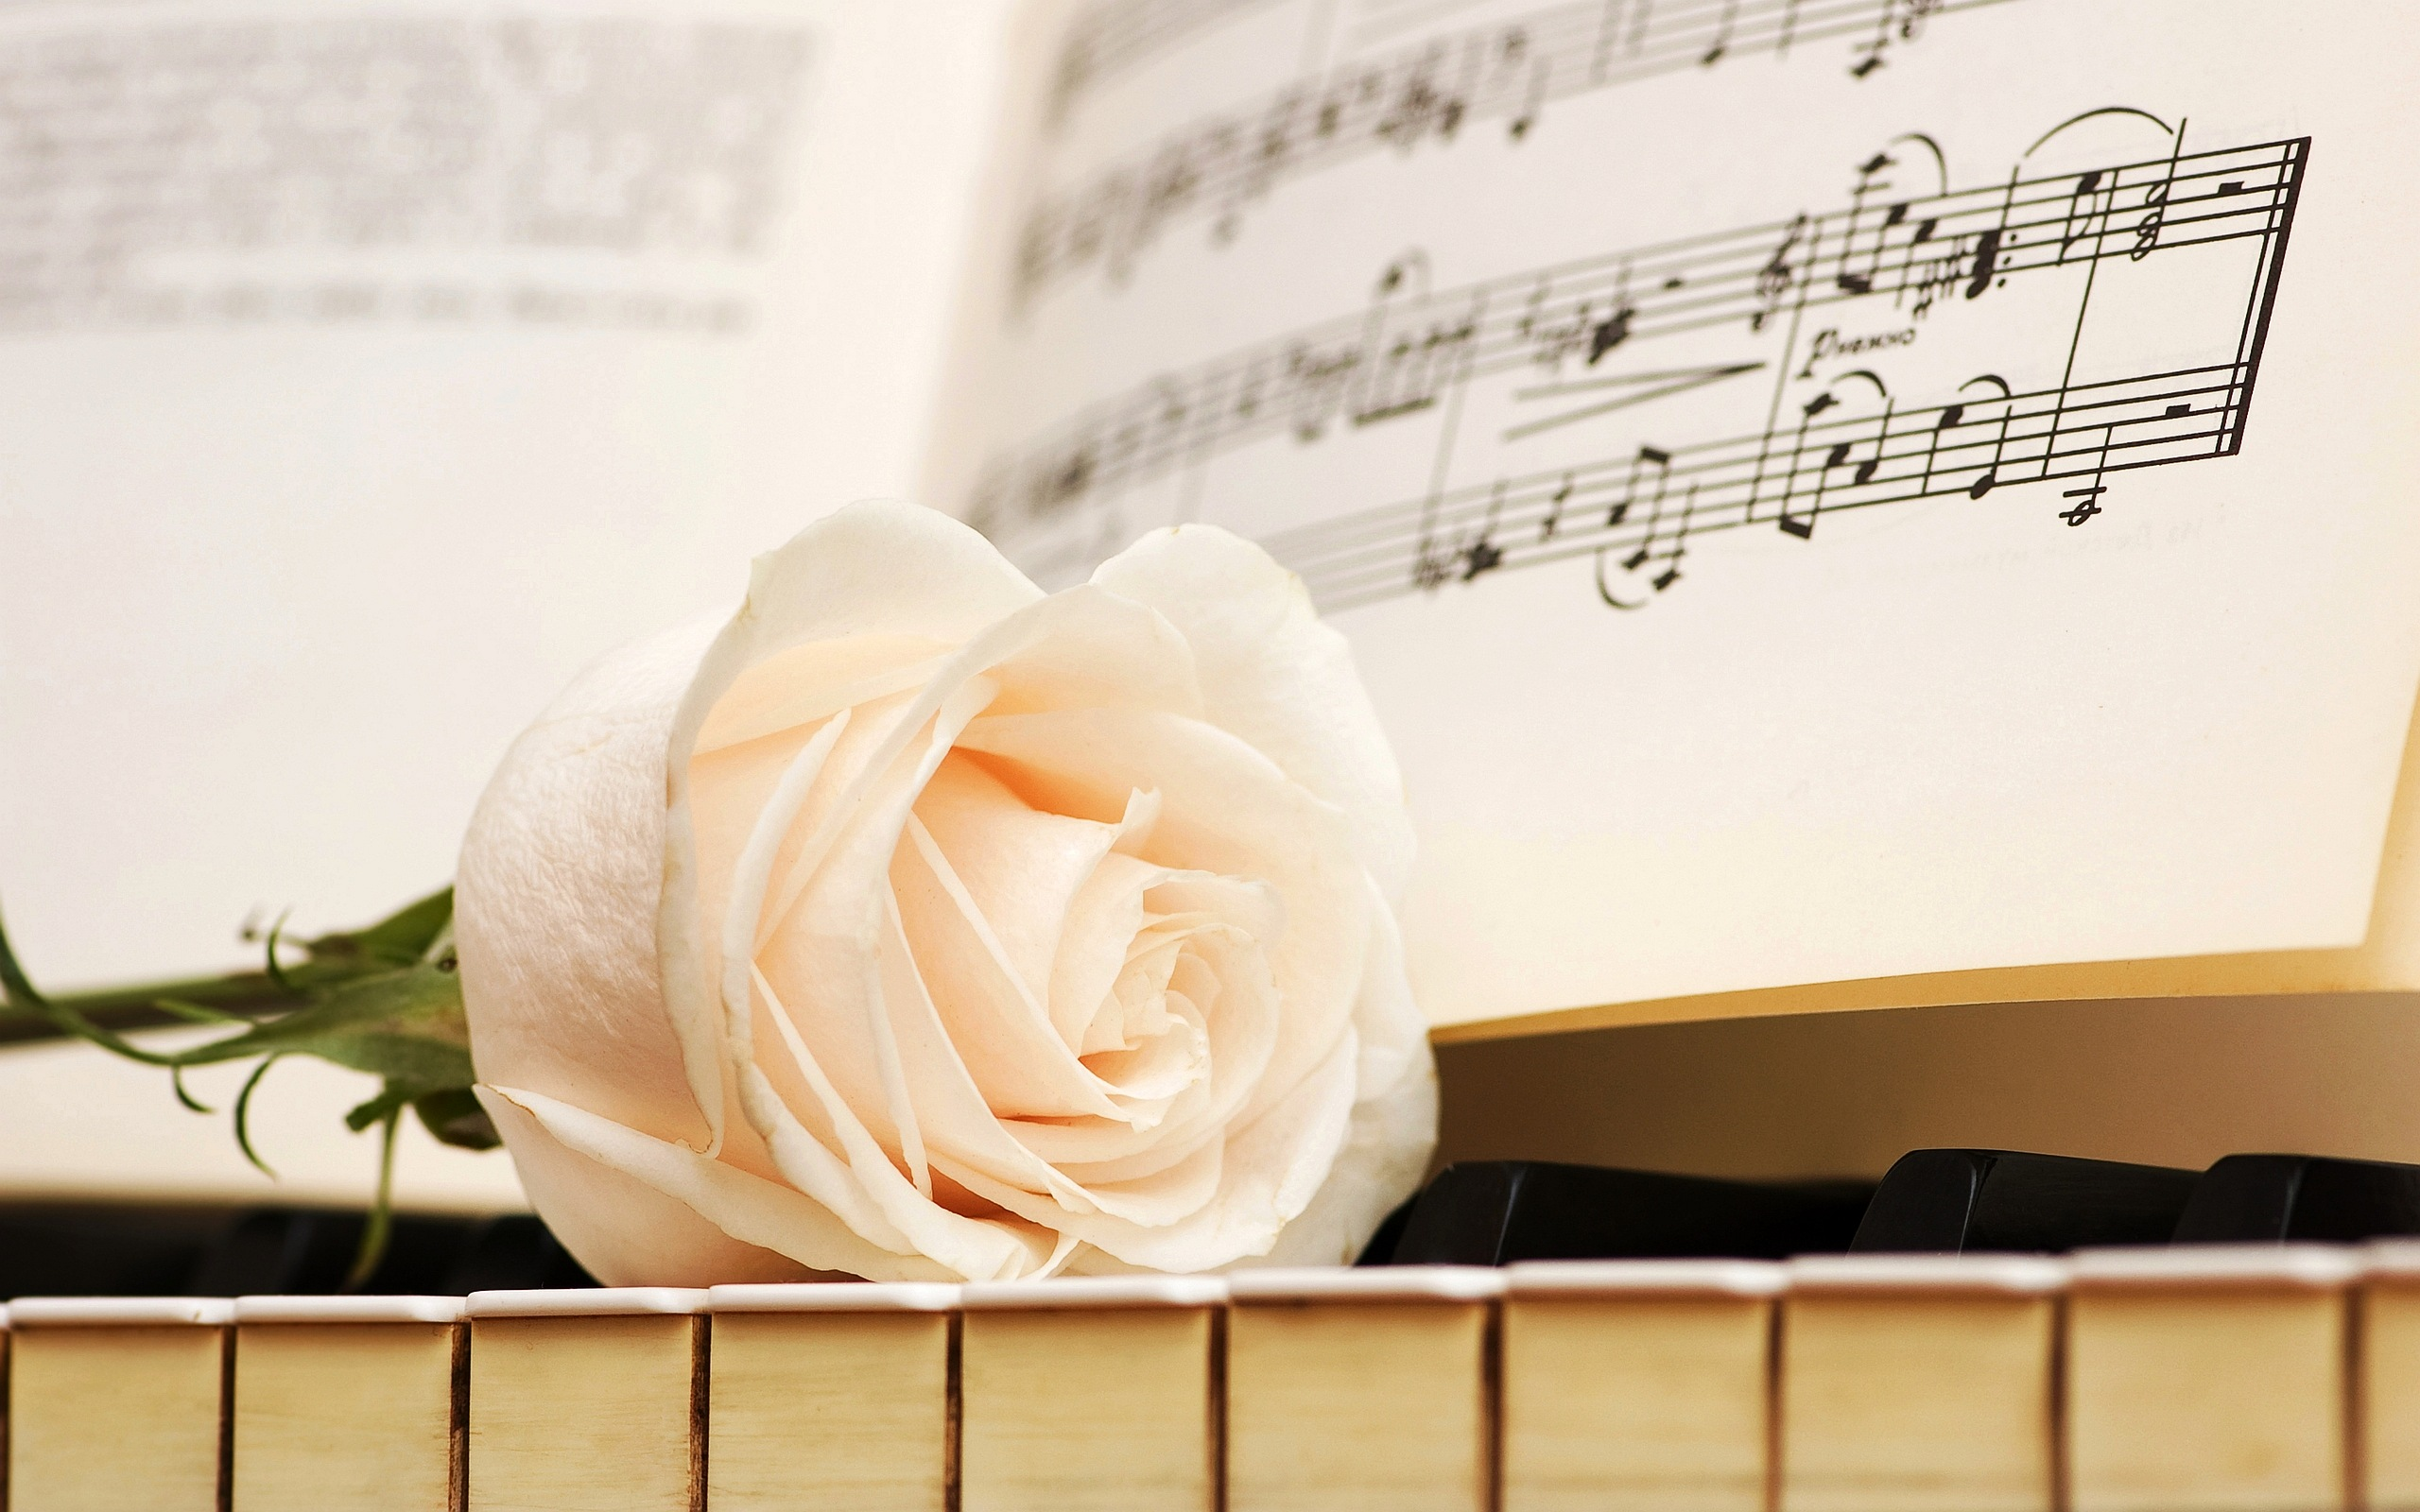 Cách Đọc Bản Nhạc, Cách Đặt Ngón